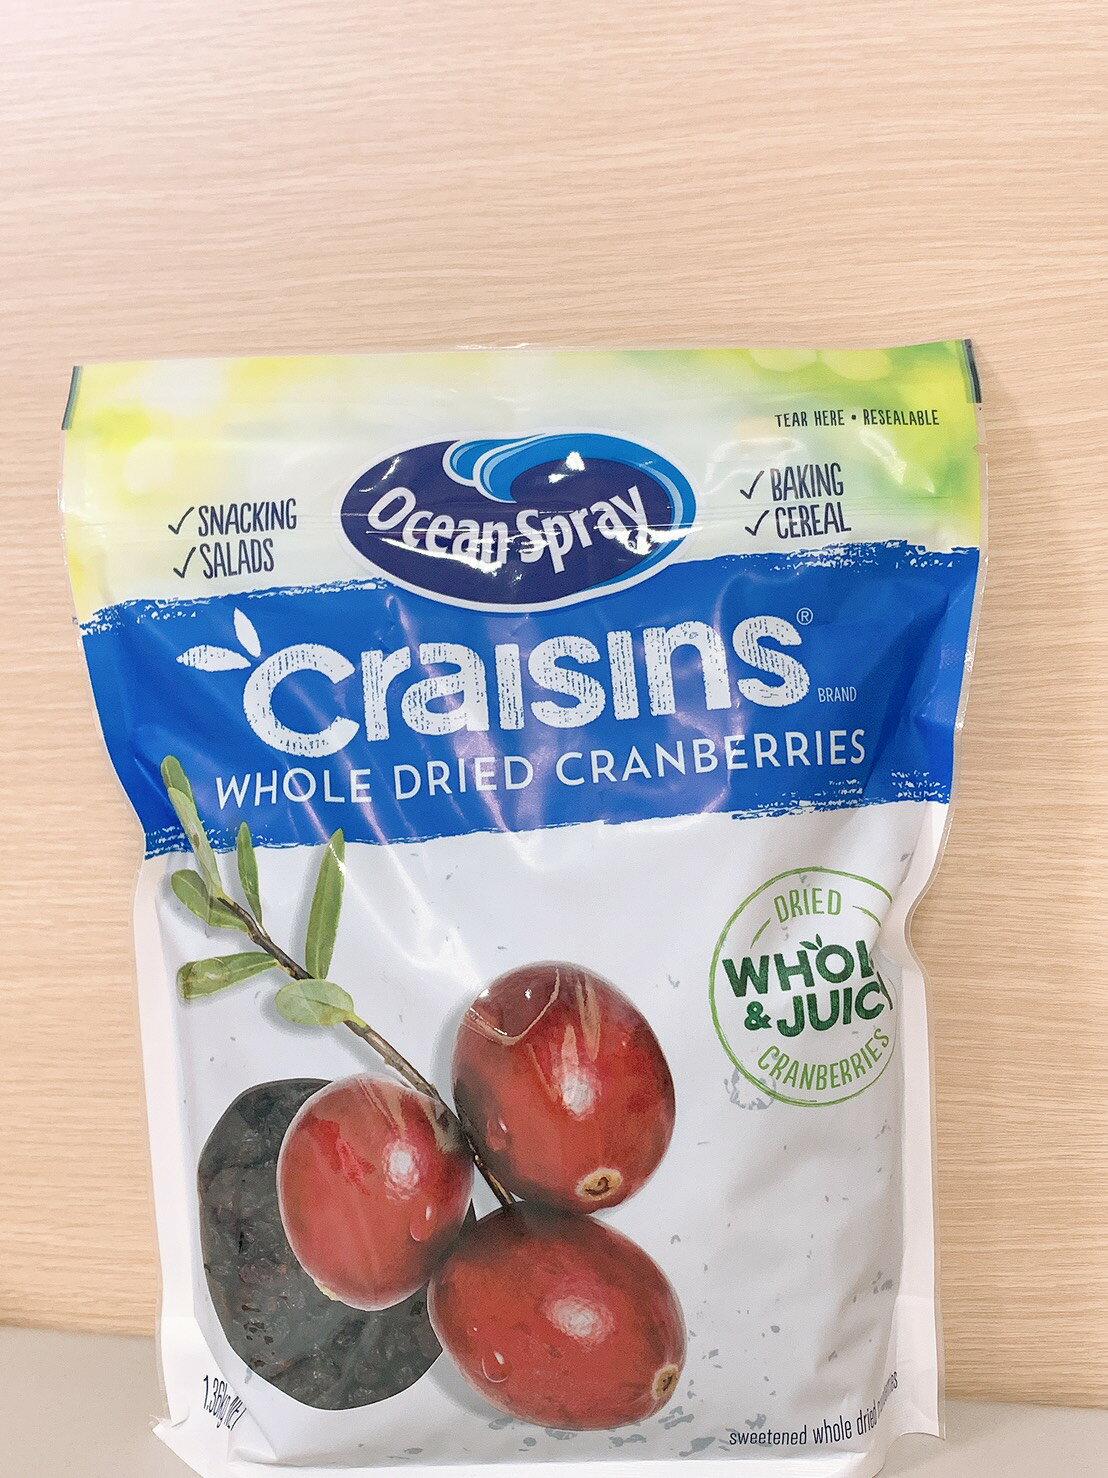 蔓越莓乾 OceanSpray Craisins蔓越莓乾 一包約1.36公斤 美國 果乾 水果 零食 點心 嘴饞 0